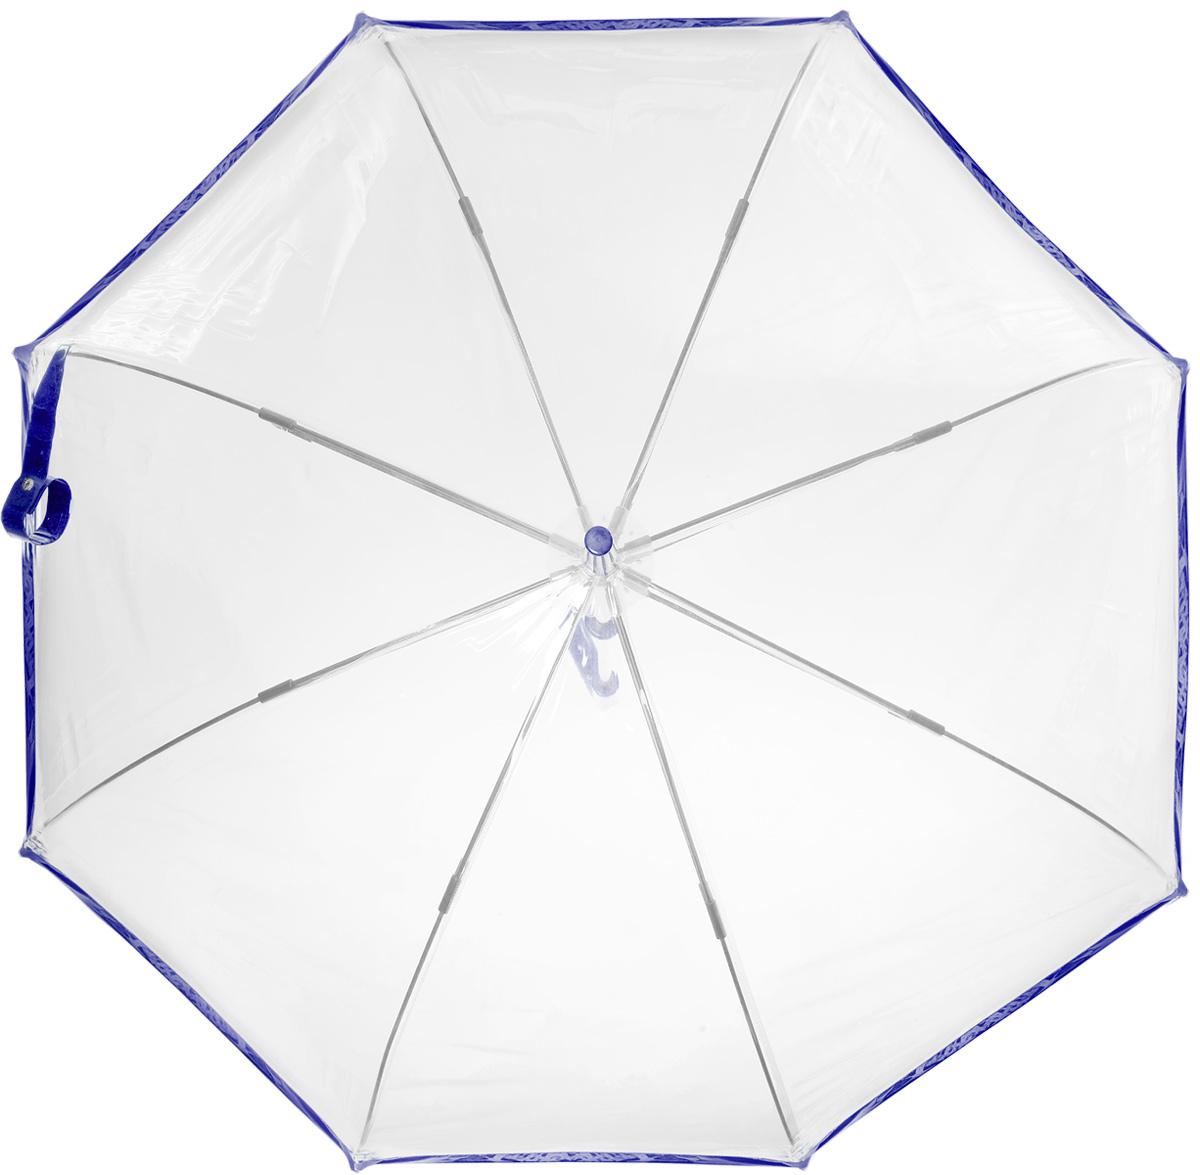 Зонт-трость женский Fulton BIRDCAGE, механический, цвет: синий. L041-0338B035000M/18075/3900NСтильный куполообразный зонт-трость Fulton BIRDCAGE выполнен из стали, прозрачного ПВХ и оформлен контрастным кантом.Каркас зонта выполнен из восьми стальных спиц с добавлением фибергласса. Зонт оснащен полуавтоматическим механизмом. Рукоятка закругленной формы разработана с учетом требований эргономики и изготовлена из металла.Зонт Eleganzza защитит от дождя и поднимет настроение в ненастную погоду.